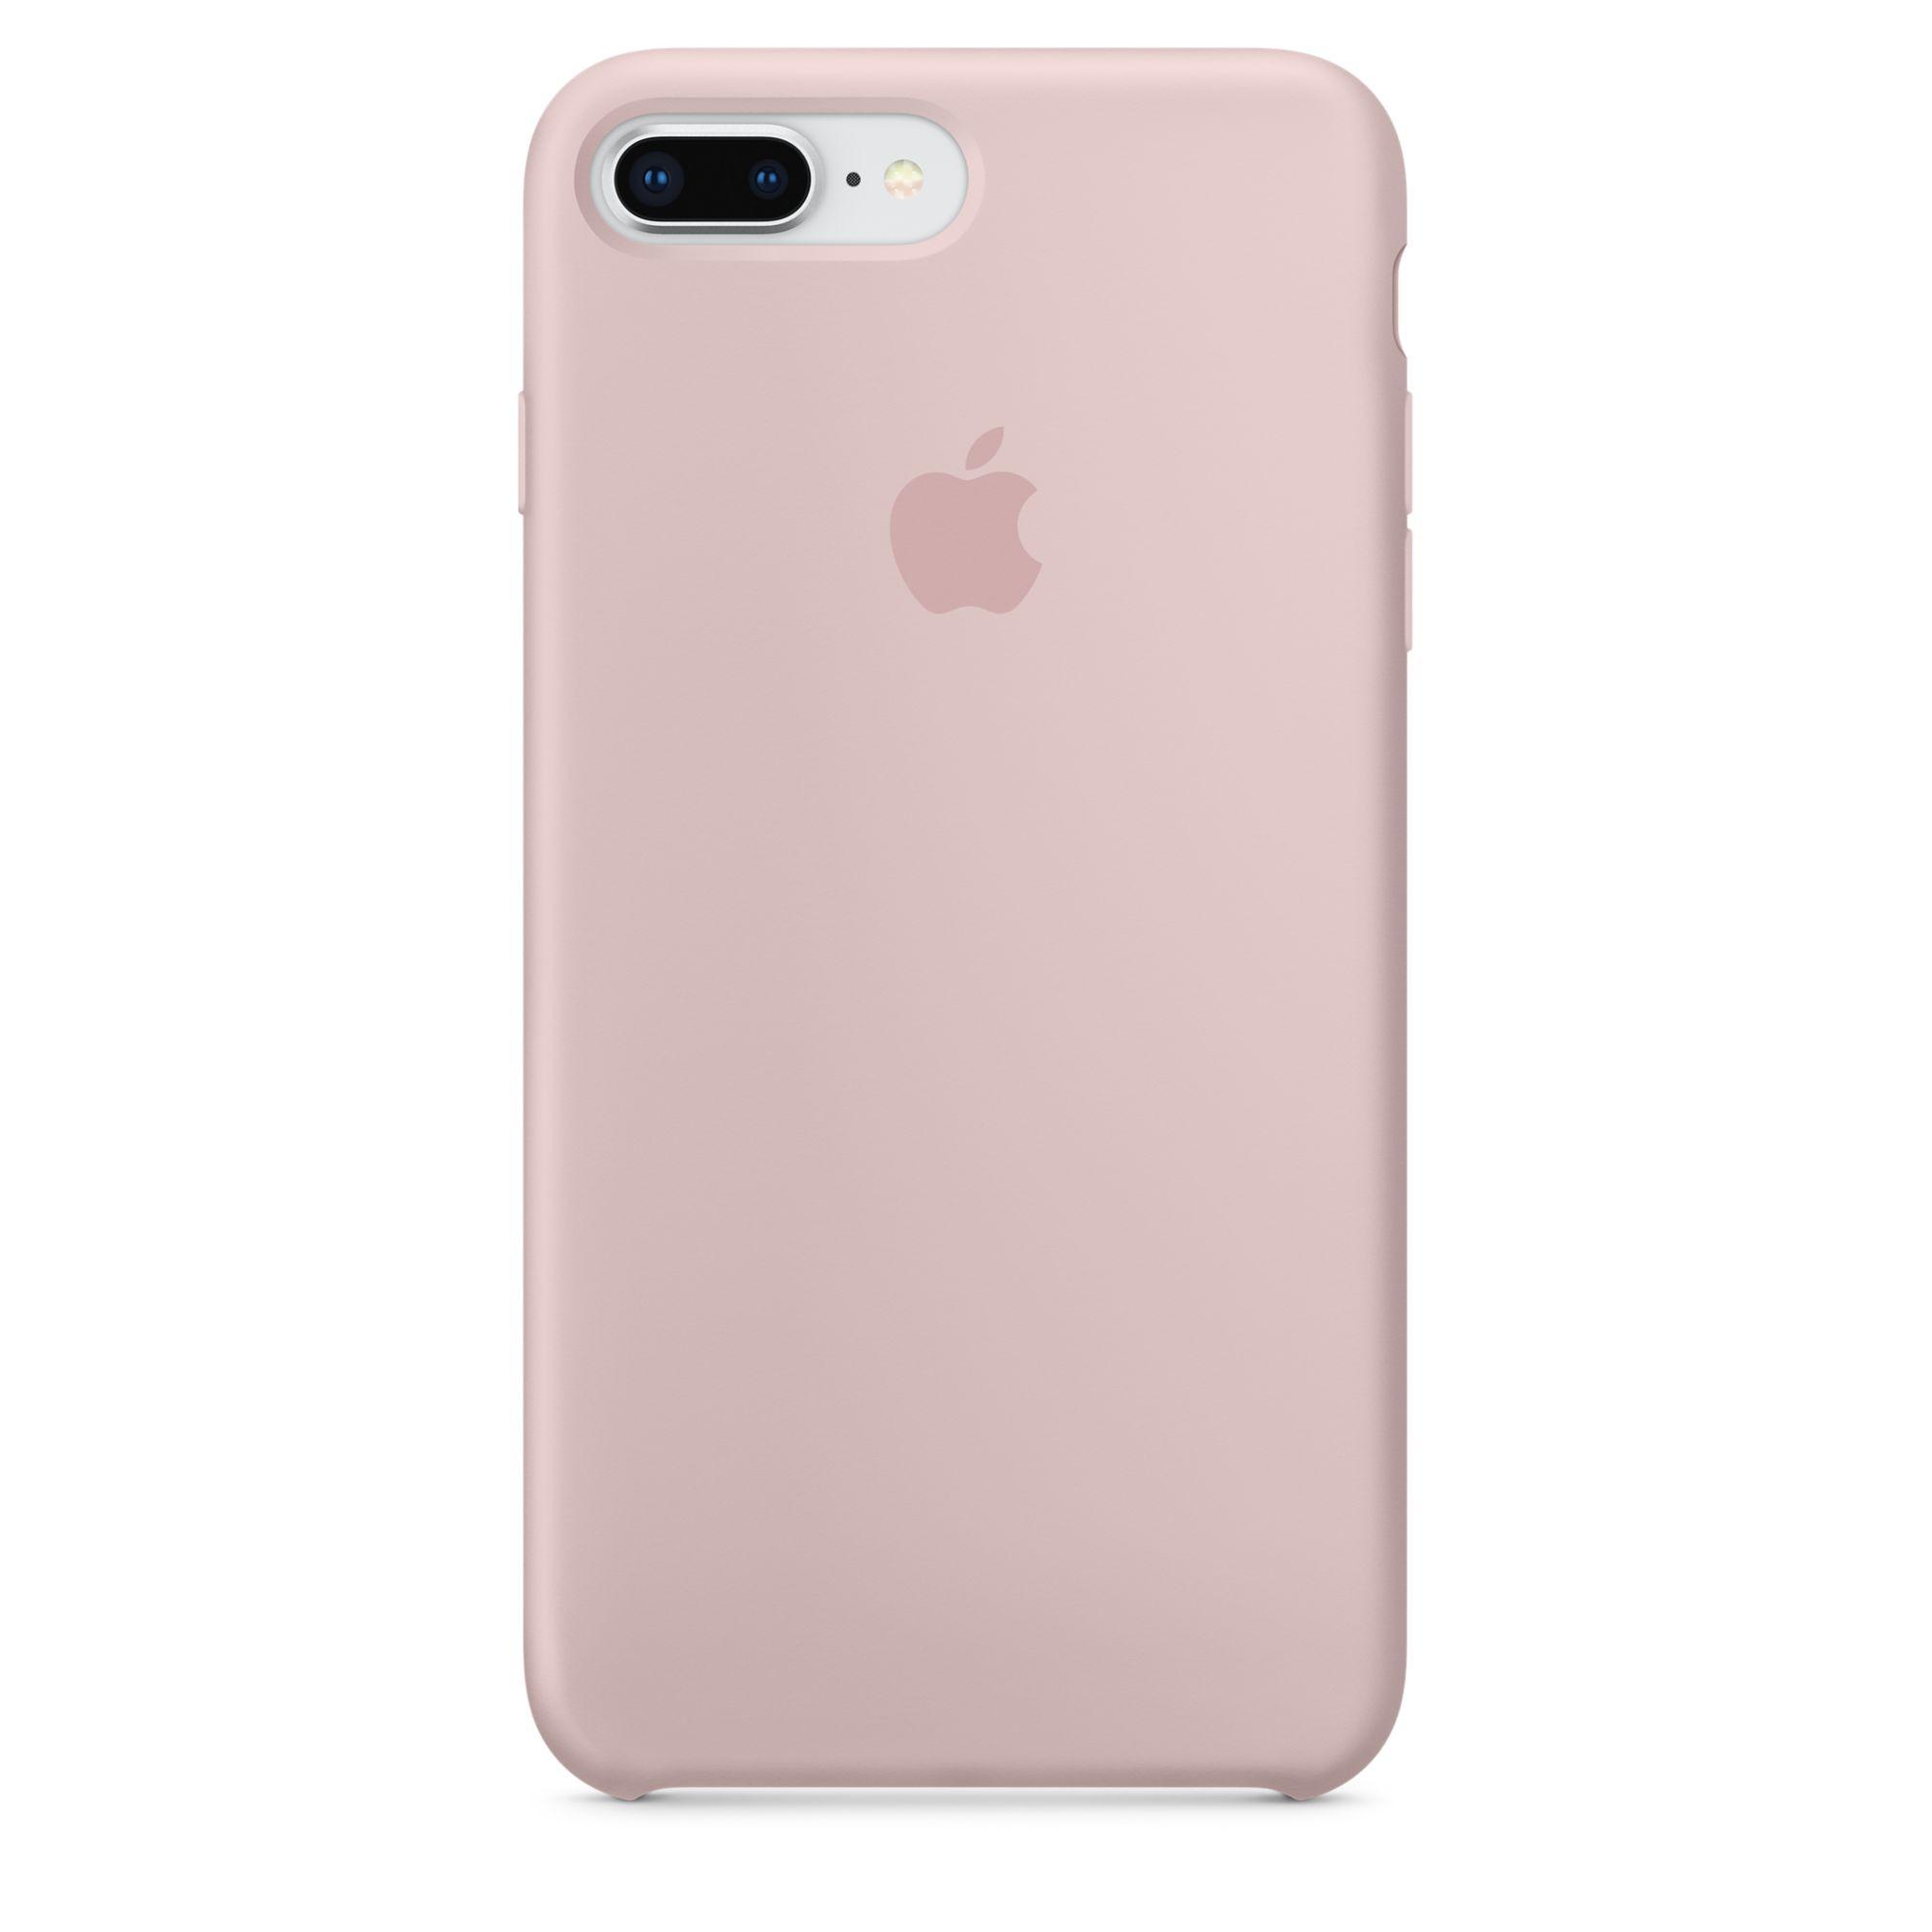 Apple silikonový kryt na iPhone 8 Plus / 7 Plus – pískově růžový